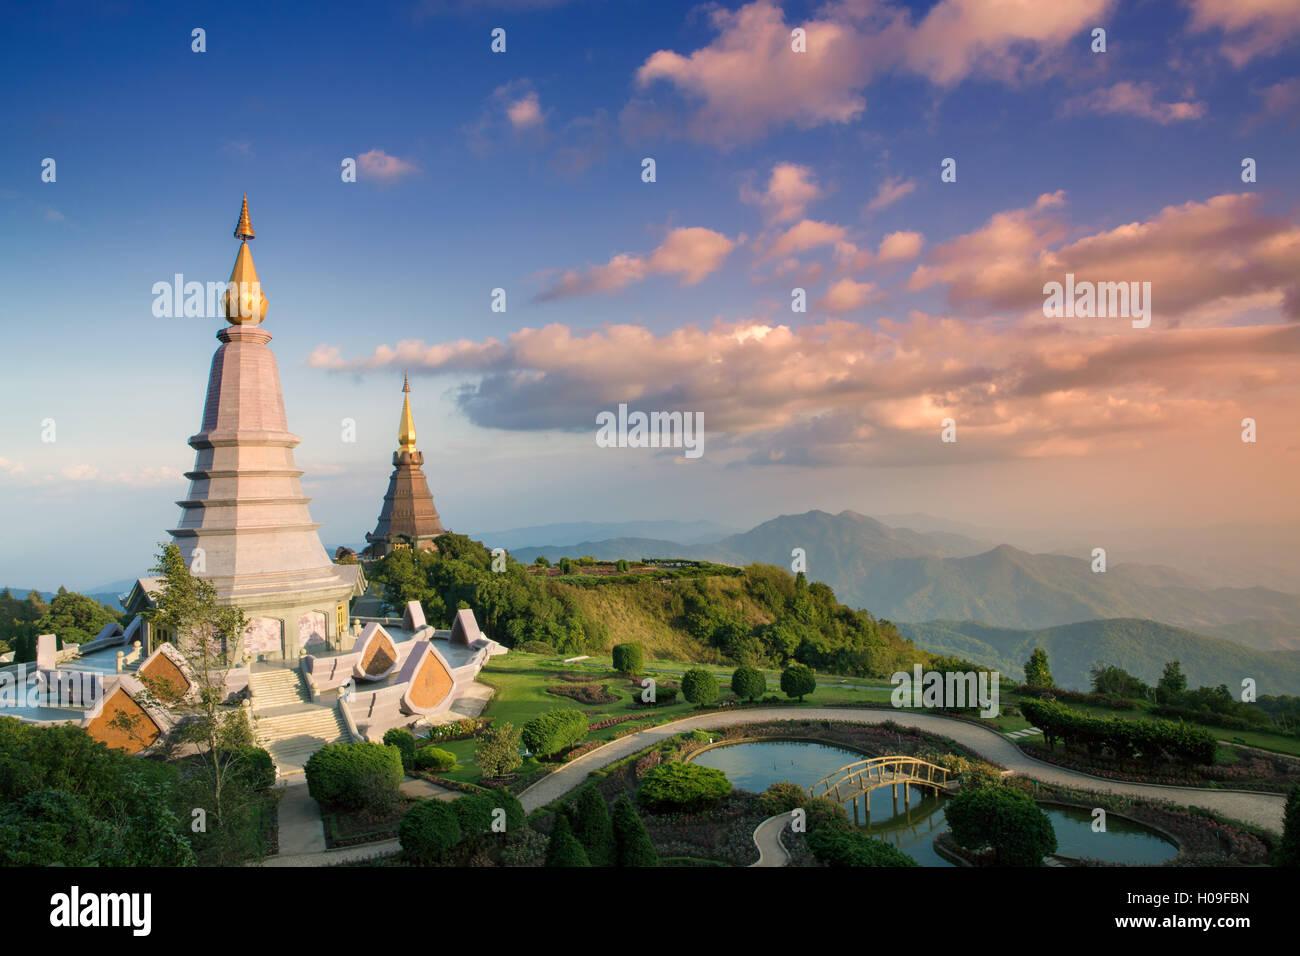 Templos en Doi Inthanon, el pico más alto de Tailandia, la provincia de Chiang Mai, Tailandia, en el sudeste Imagen De Stock